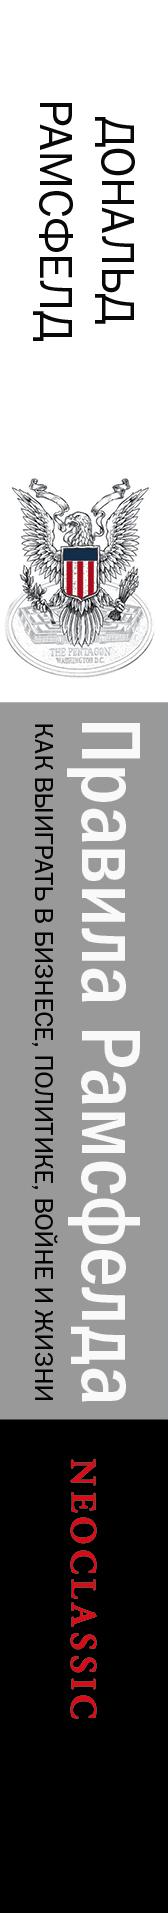 Правила Рамсфелда. Как выиграть в бизнесе, политике, войне и жизни